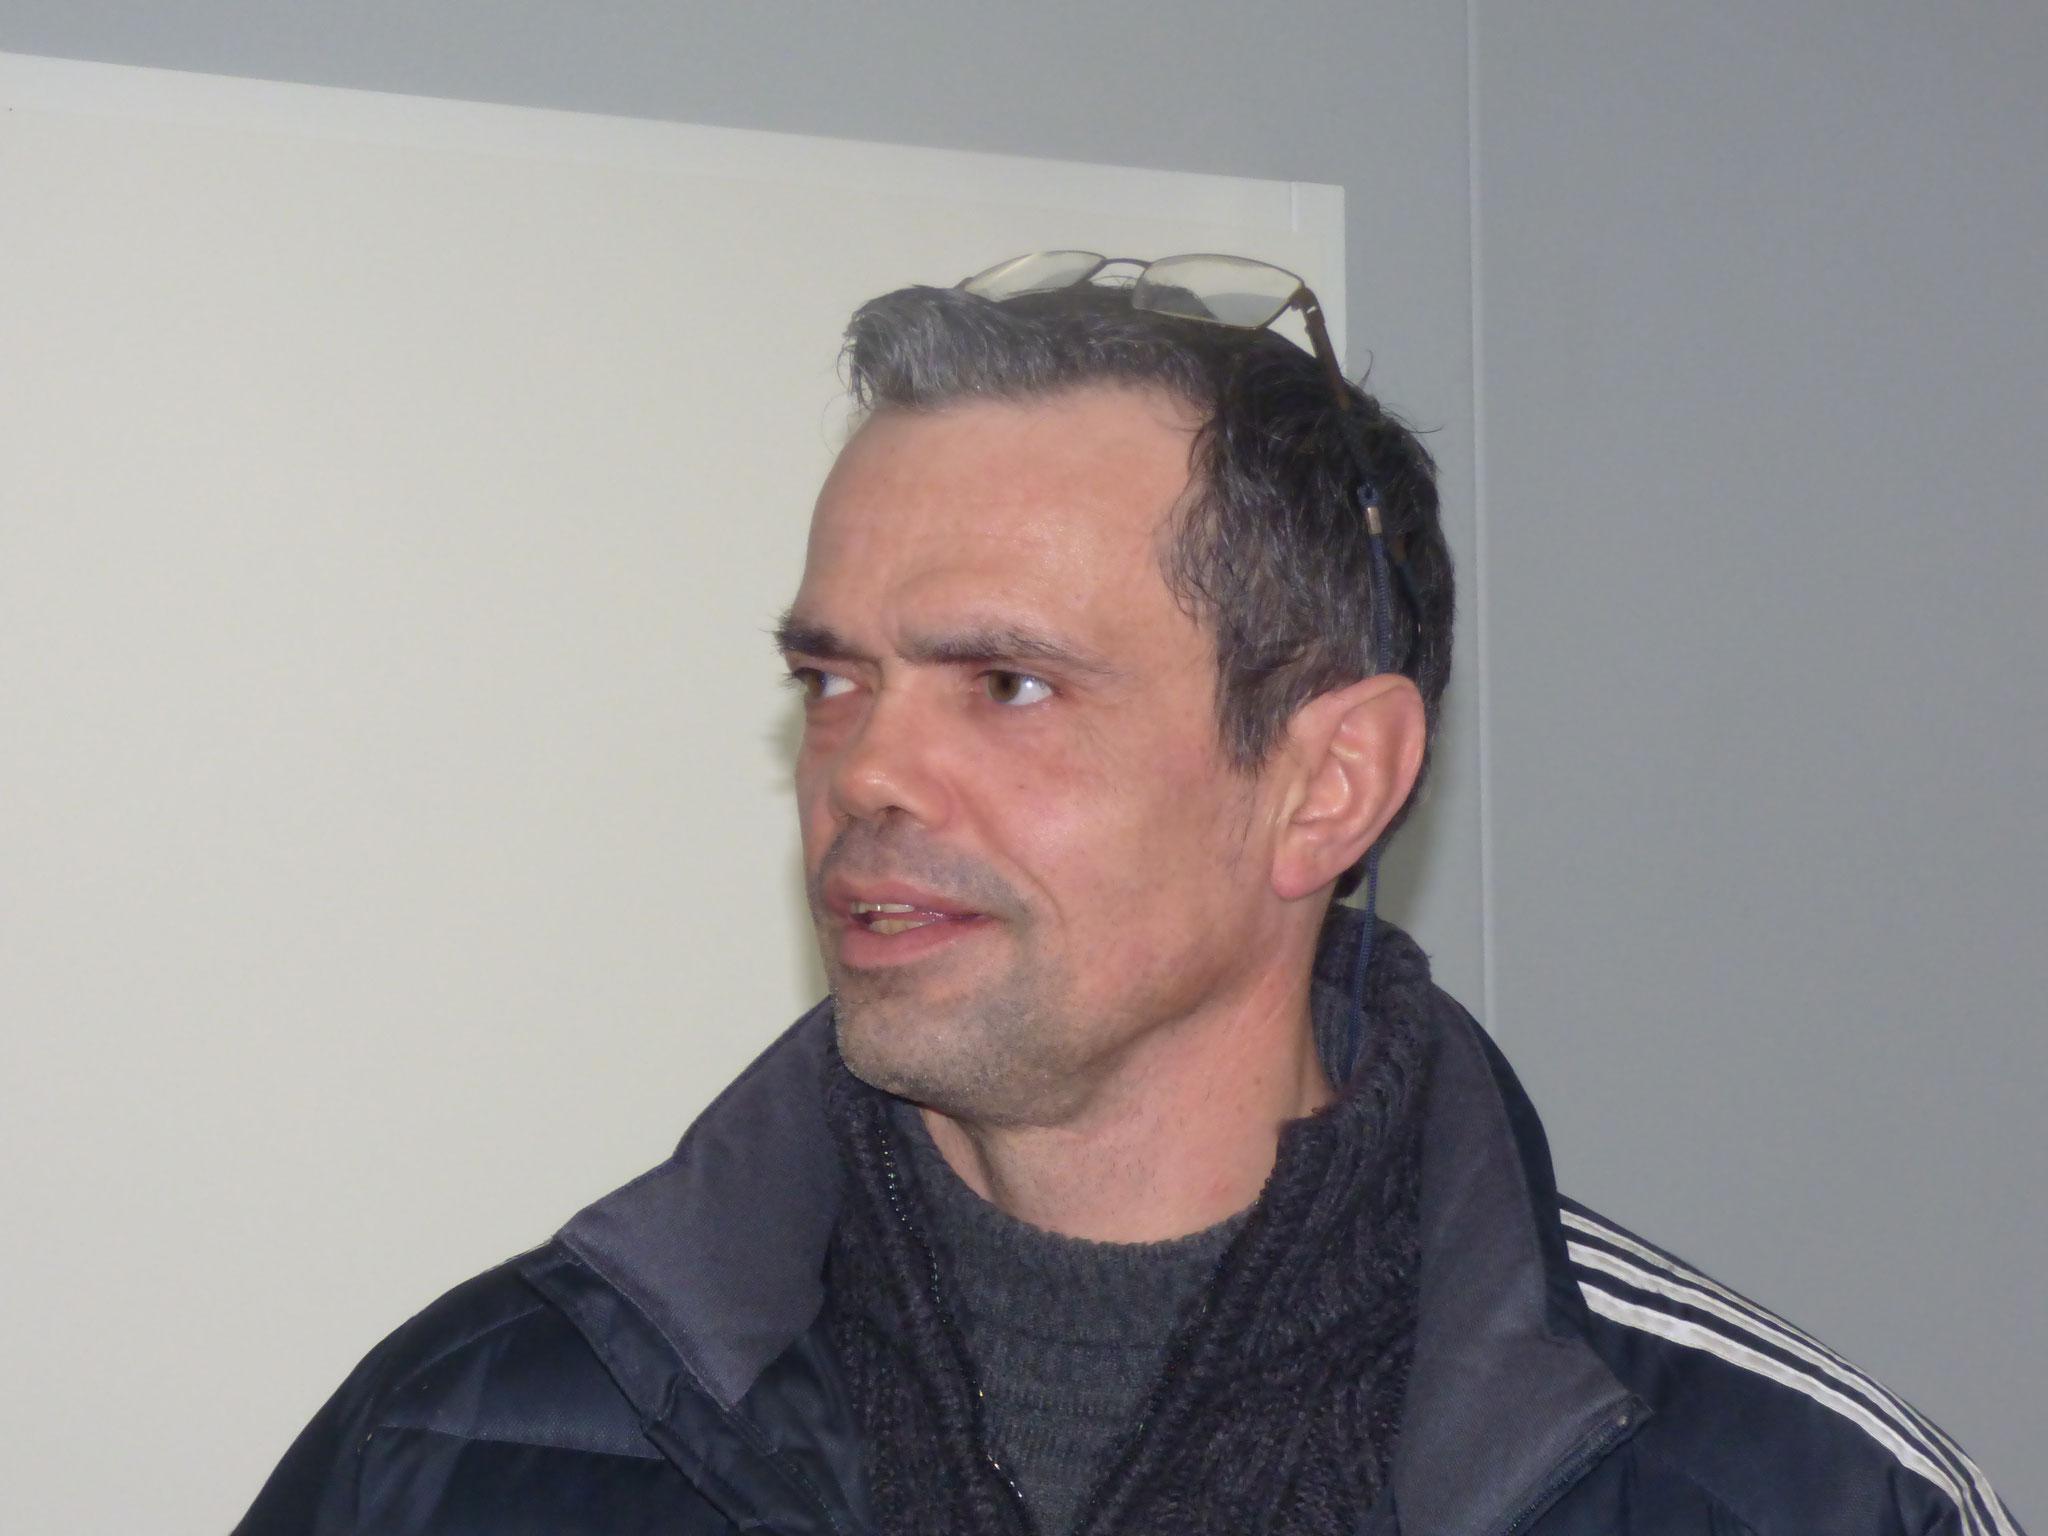 EMMANUEL PAQUET